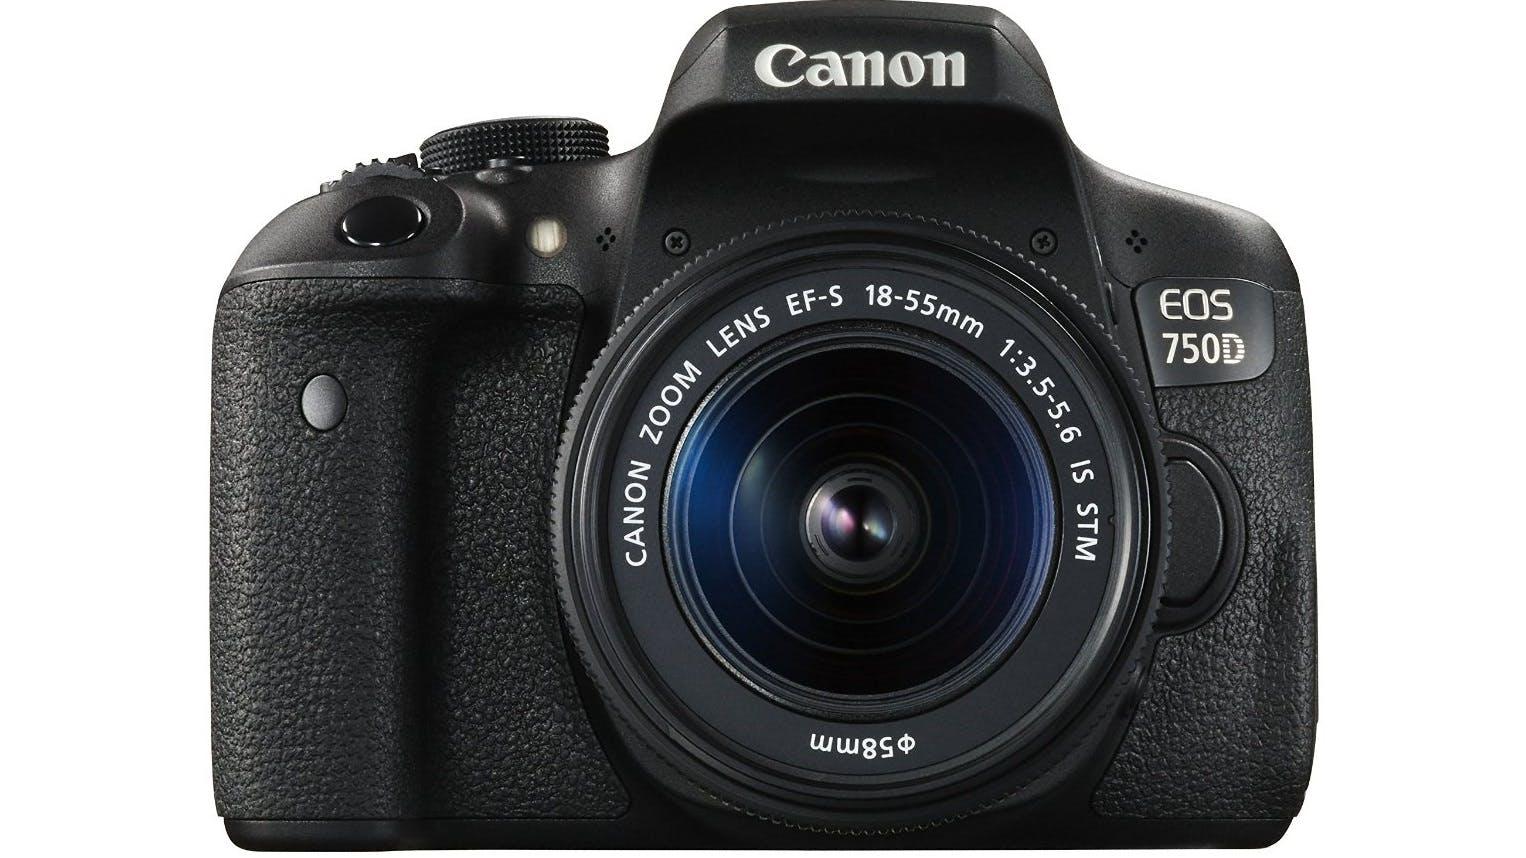 Camera Harvey Norman Dslr Cameras canon eos 750d kit dslr camera with ef s18 55mm is stm lens lens